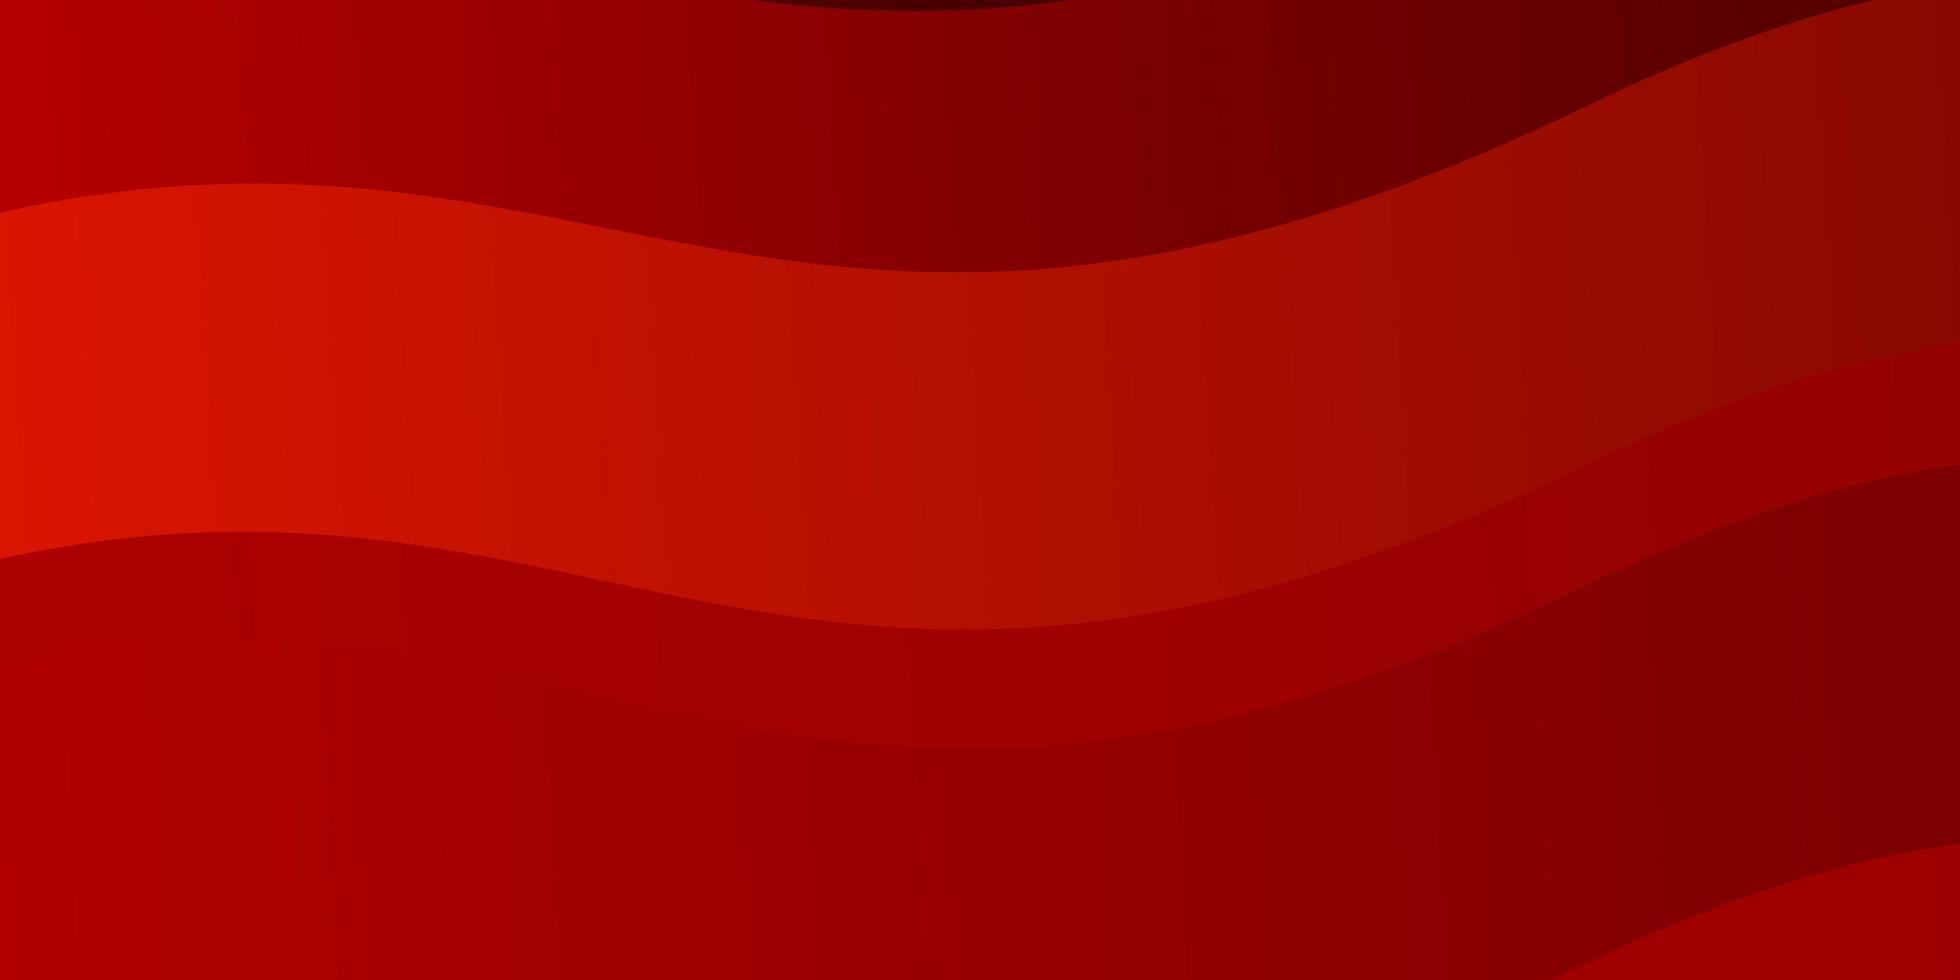 ljusrött vektormönster med linjer. vektor